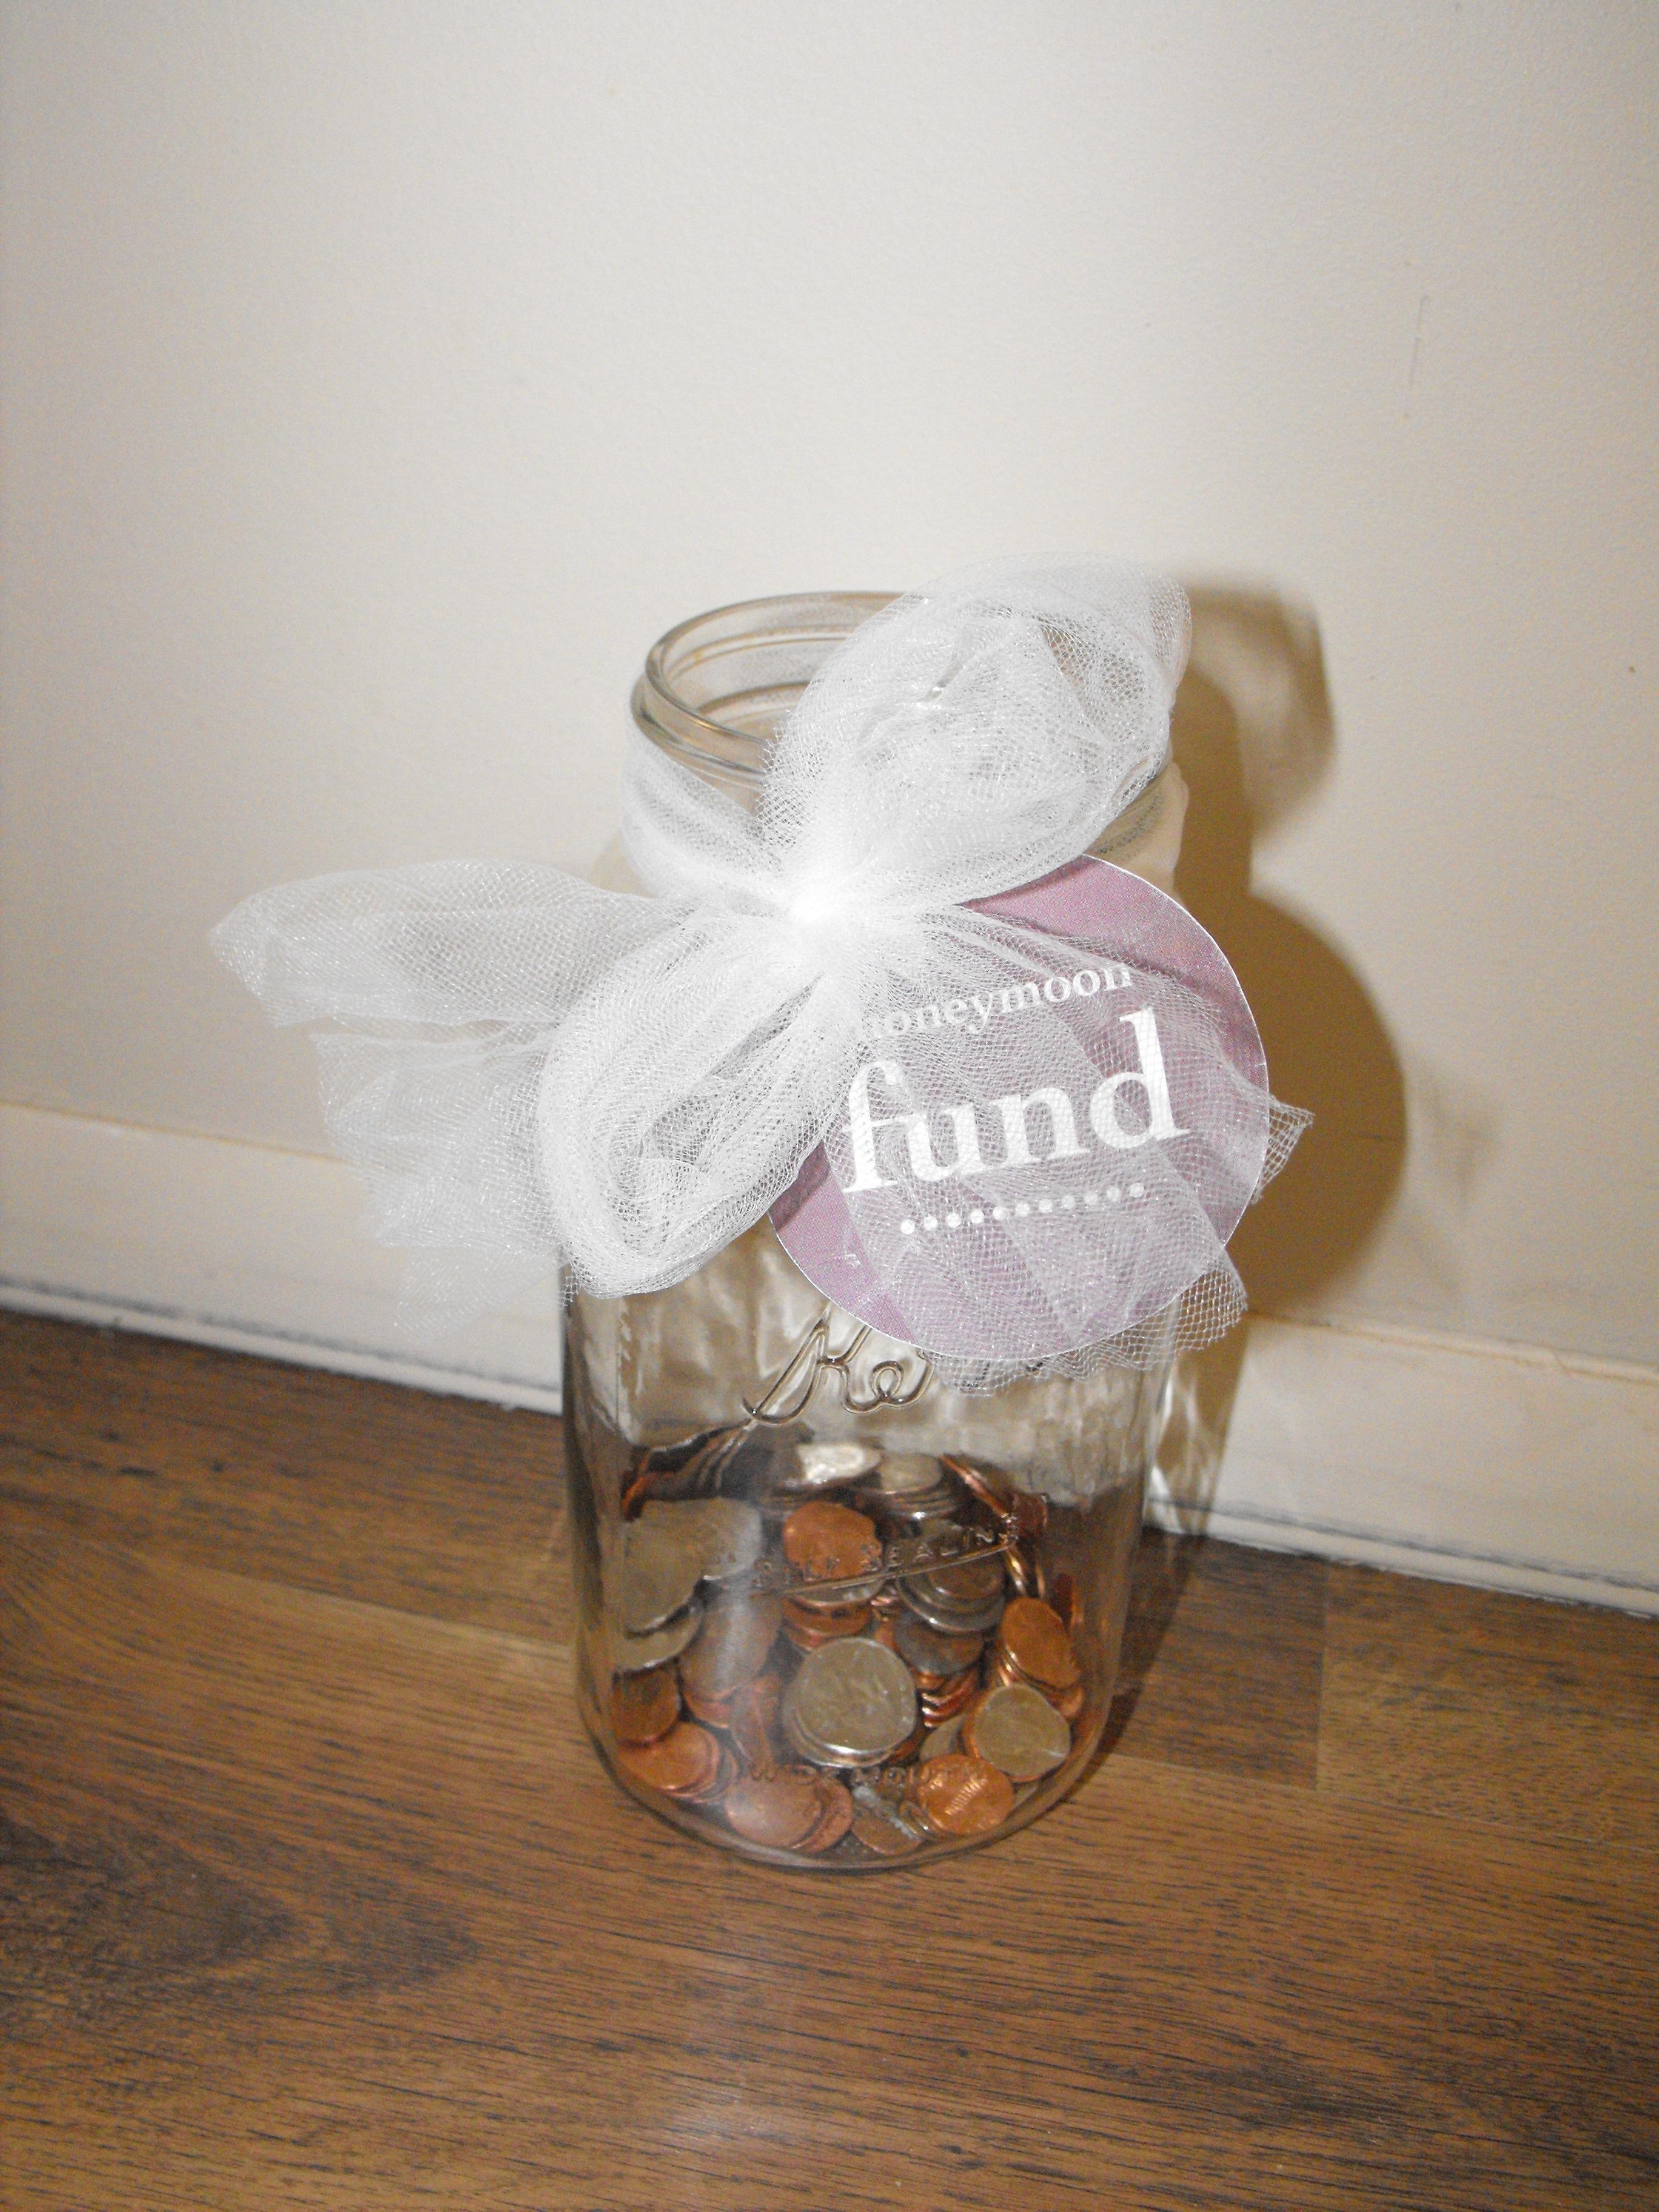 Honeymoon Fund Jar Boogers On The Wall